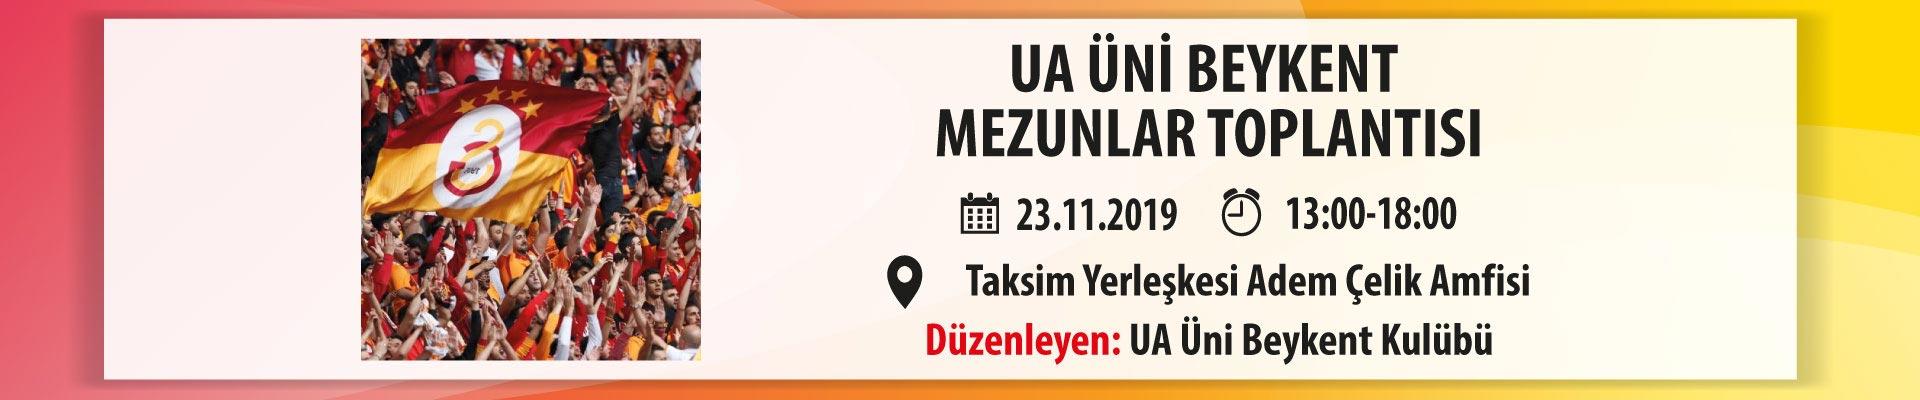 UA ÜNİ Beykent Mezunlar Toplantısı